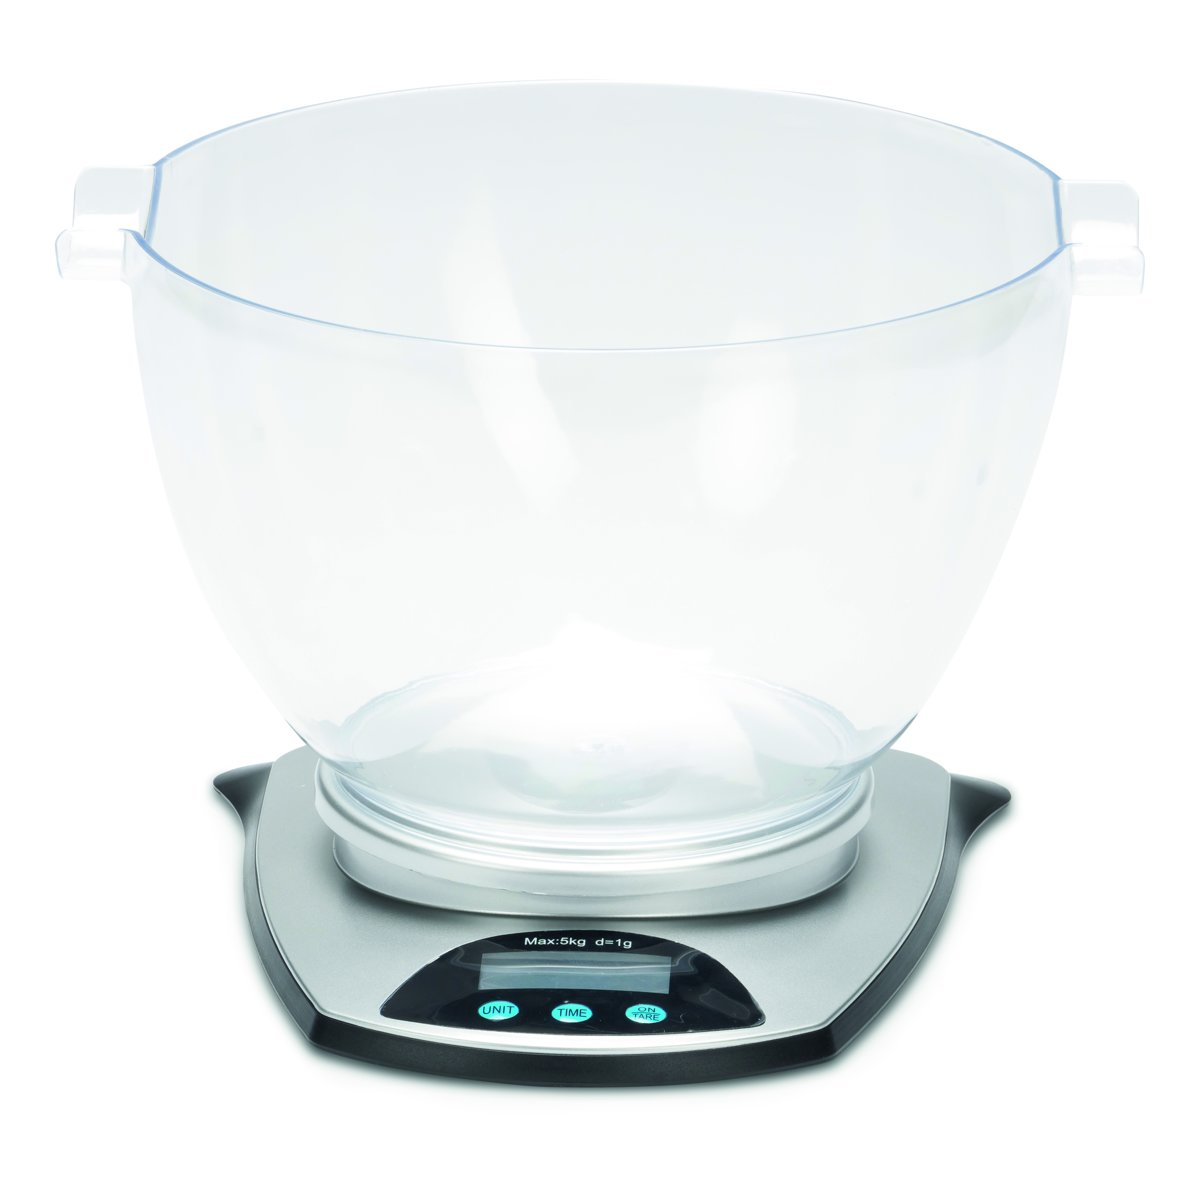 Elektronische keukenweegschaal 5 kg - 1 g